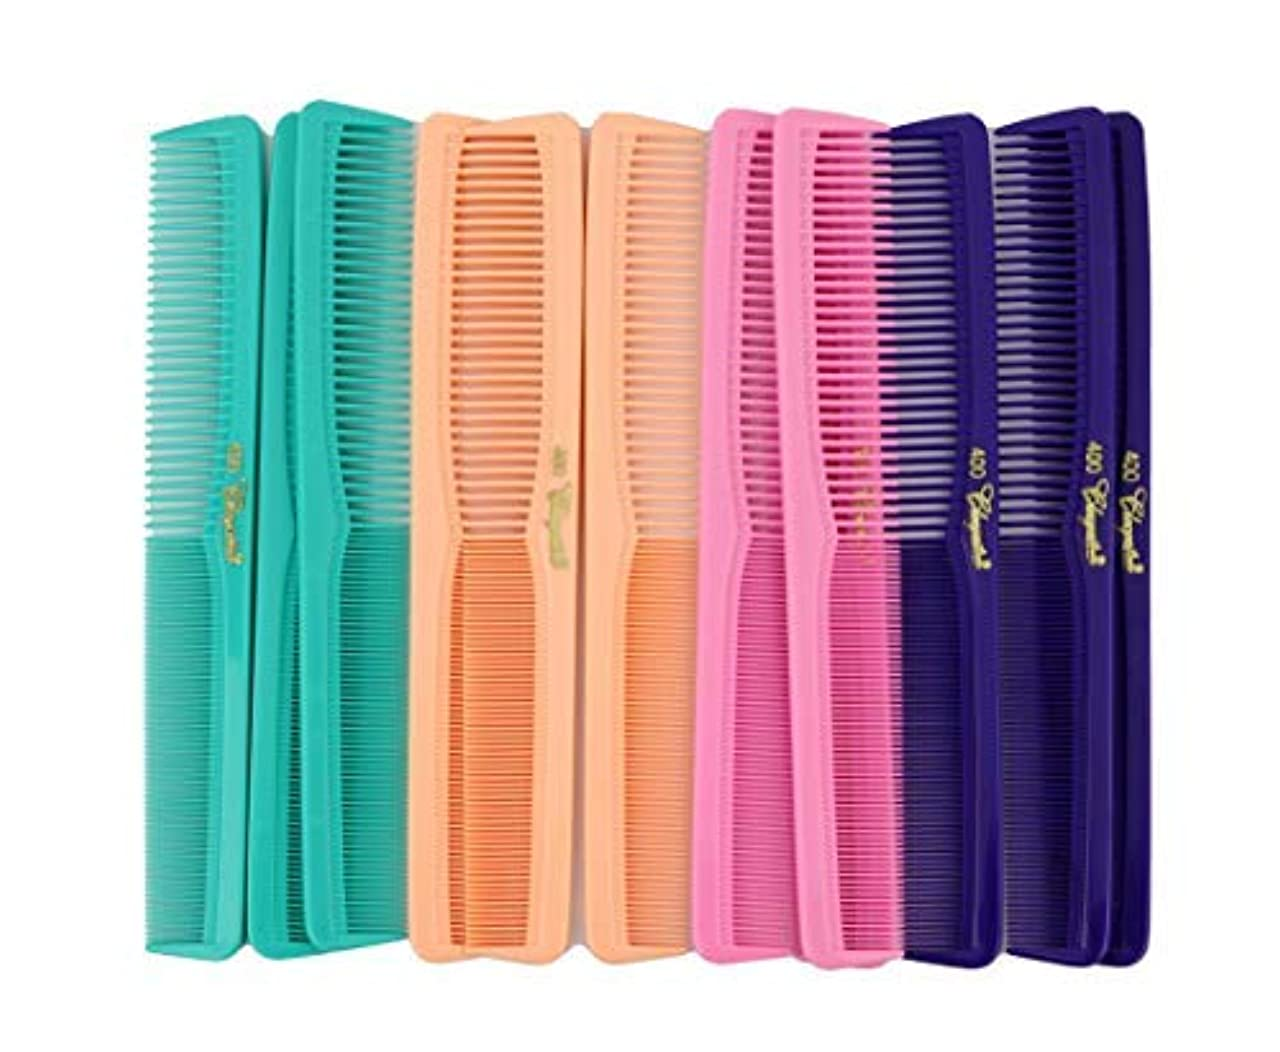 朝食を食べるレディ汚染された7 inch All Purpose Hair Comb. Hair Cutting Combs. Barber's & Hairstylist Combs. Fresh Mix 12 Units. [並行輸入品]